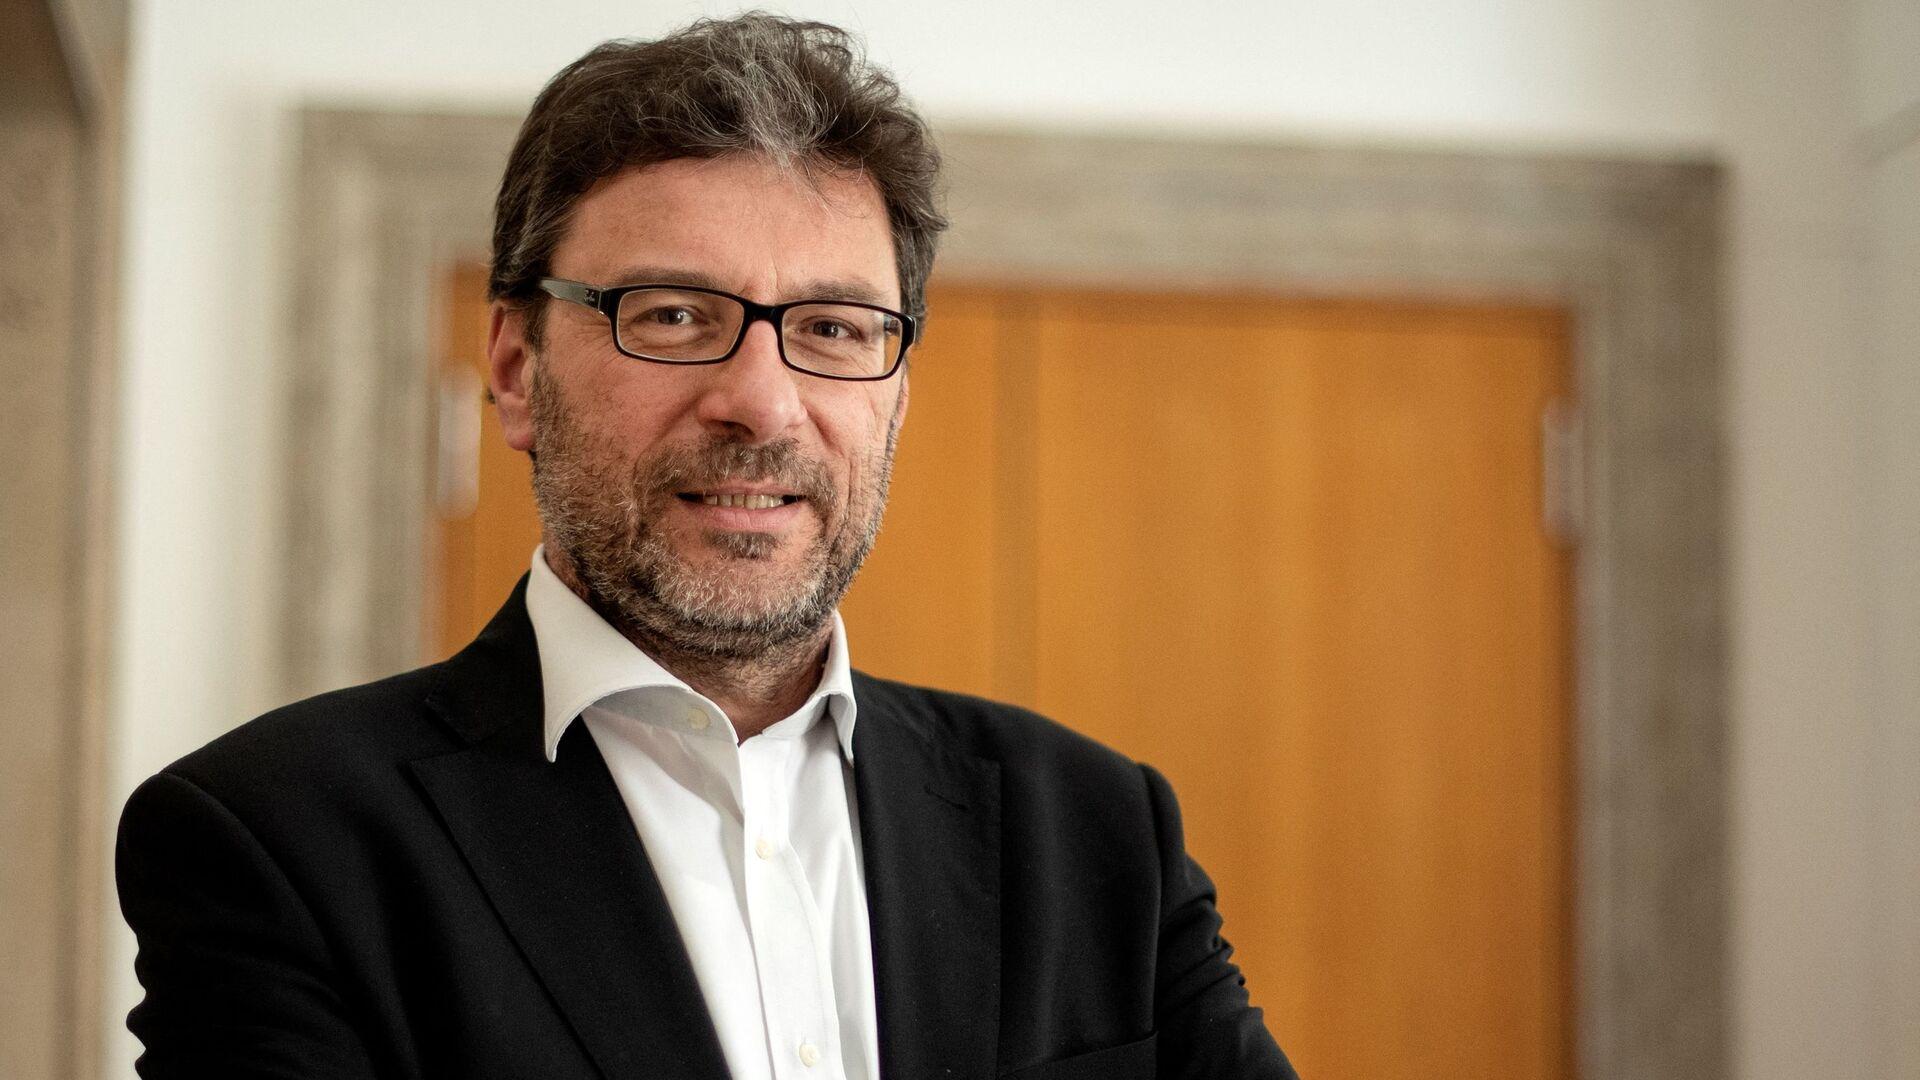 Giancarlo Giorgetti, nuovo Ministro dello Sviluppo Economico - Sputnik Italia, 1920, 31.03.2021